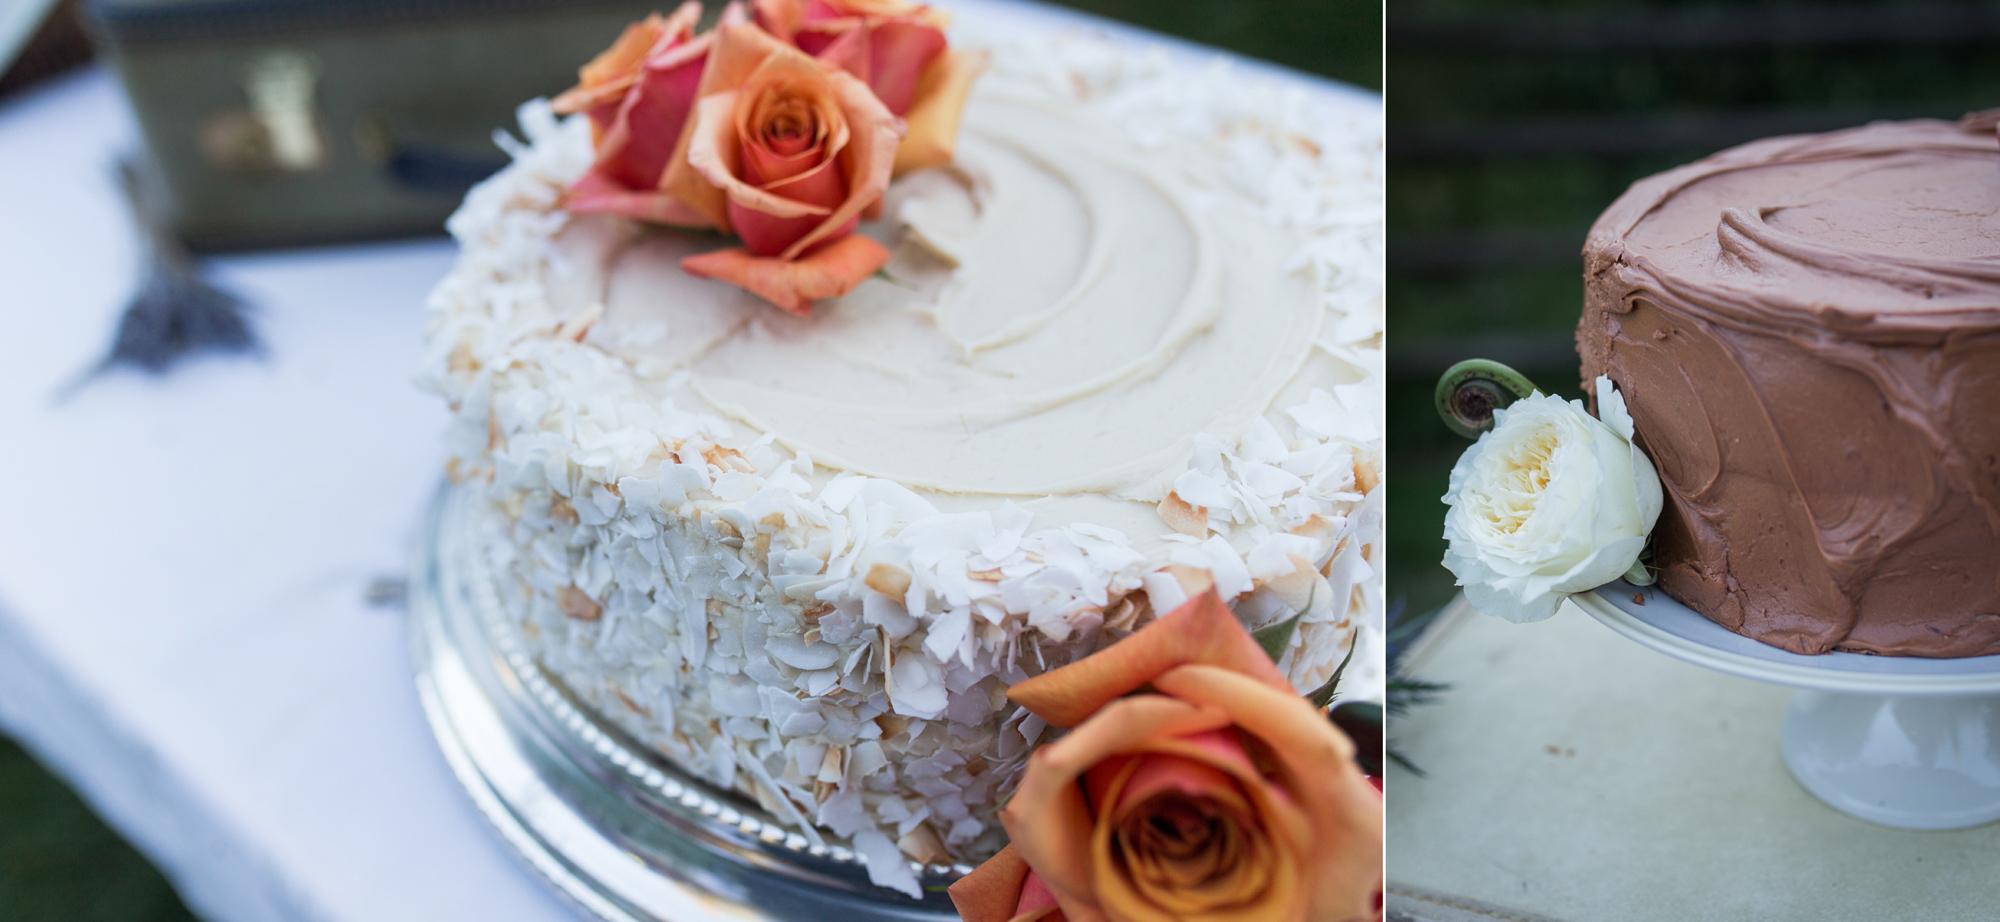 ashley vos photography seattle tacoma area wedding photographer_0824b.jpg